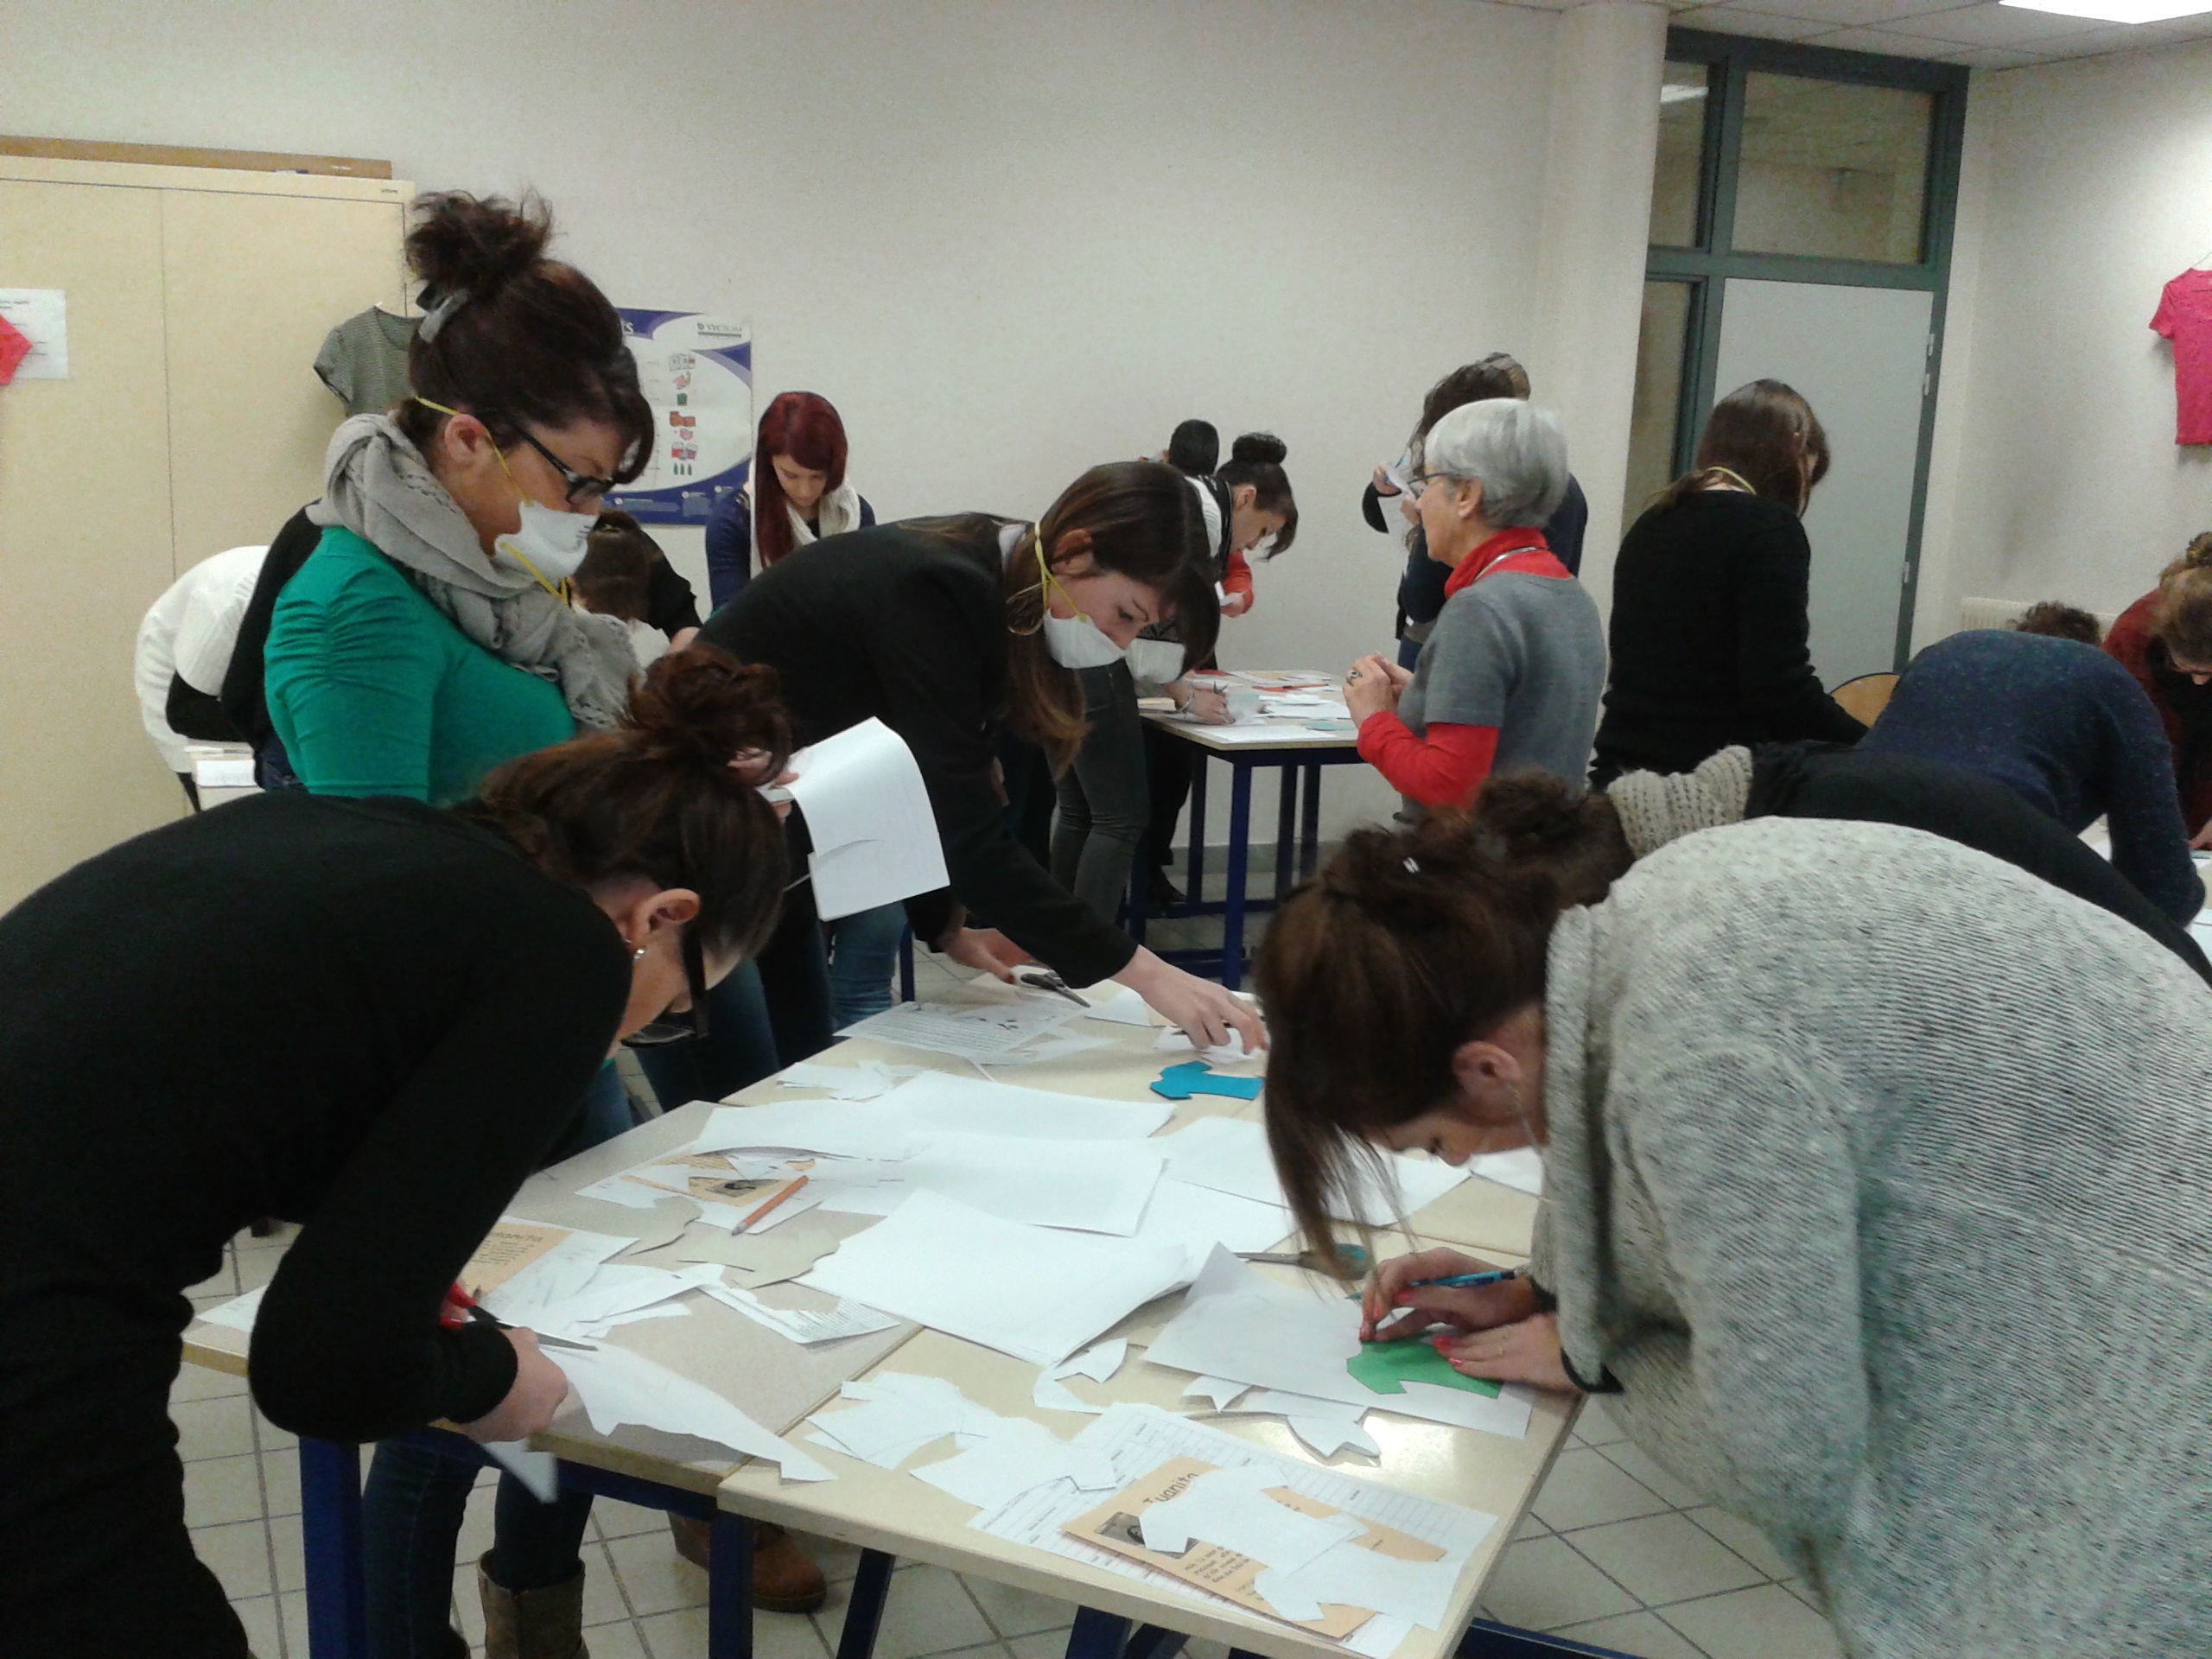 2014-01-22_Education_jeux_de_la_Maquilla_au_Lycée_Simone_Weil.JPG